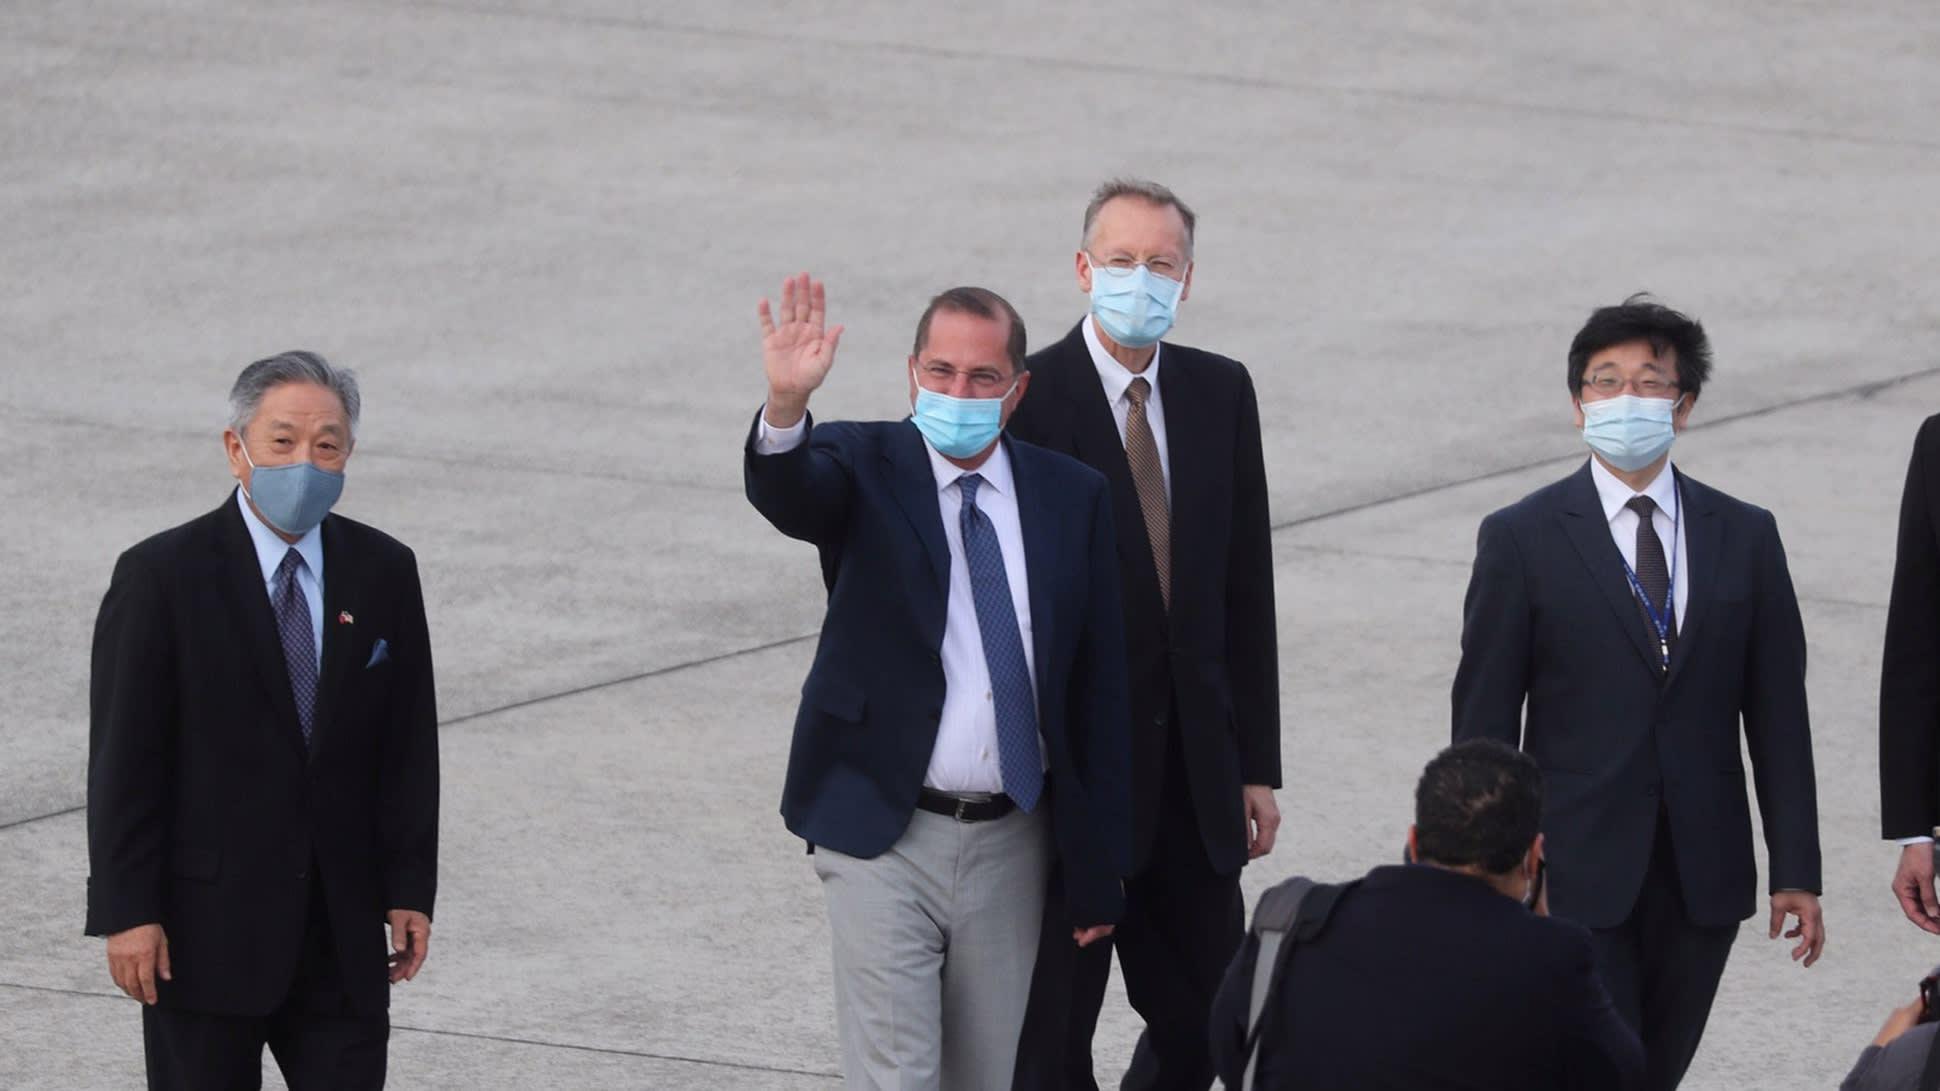 U PLANU SASTANAK S PREDSJEDNICOM! Prva posjeta američkog visokog zvaničnika Tajvanu nakon 40 godina!